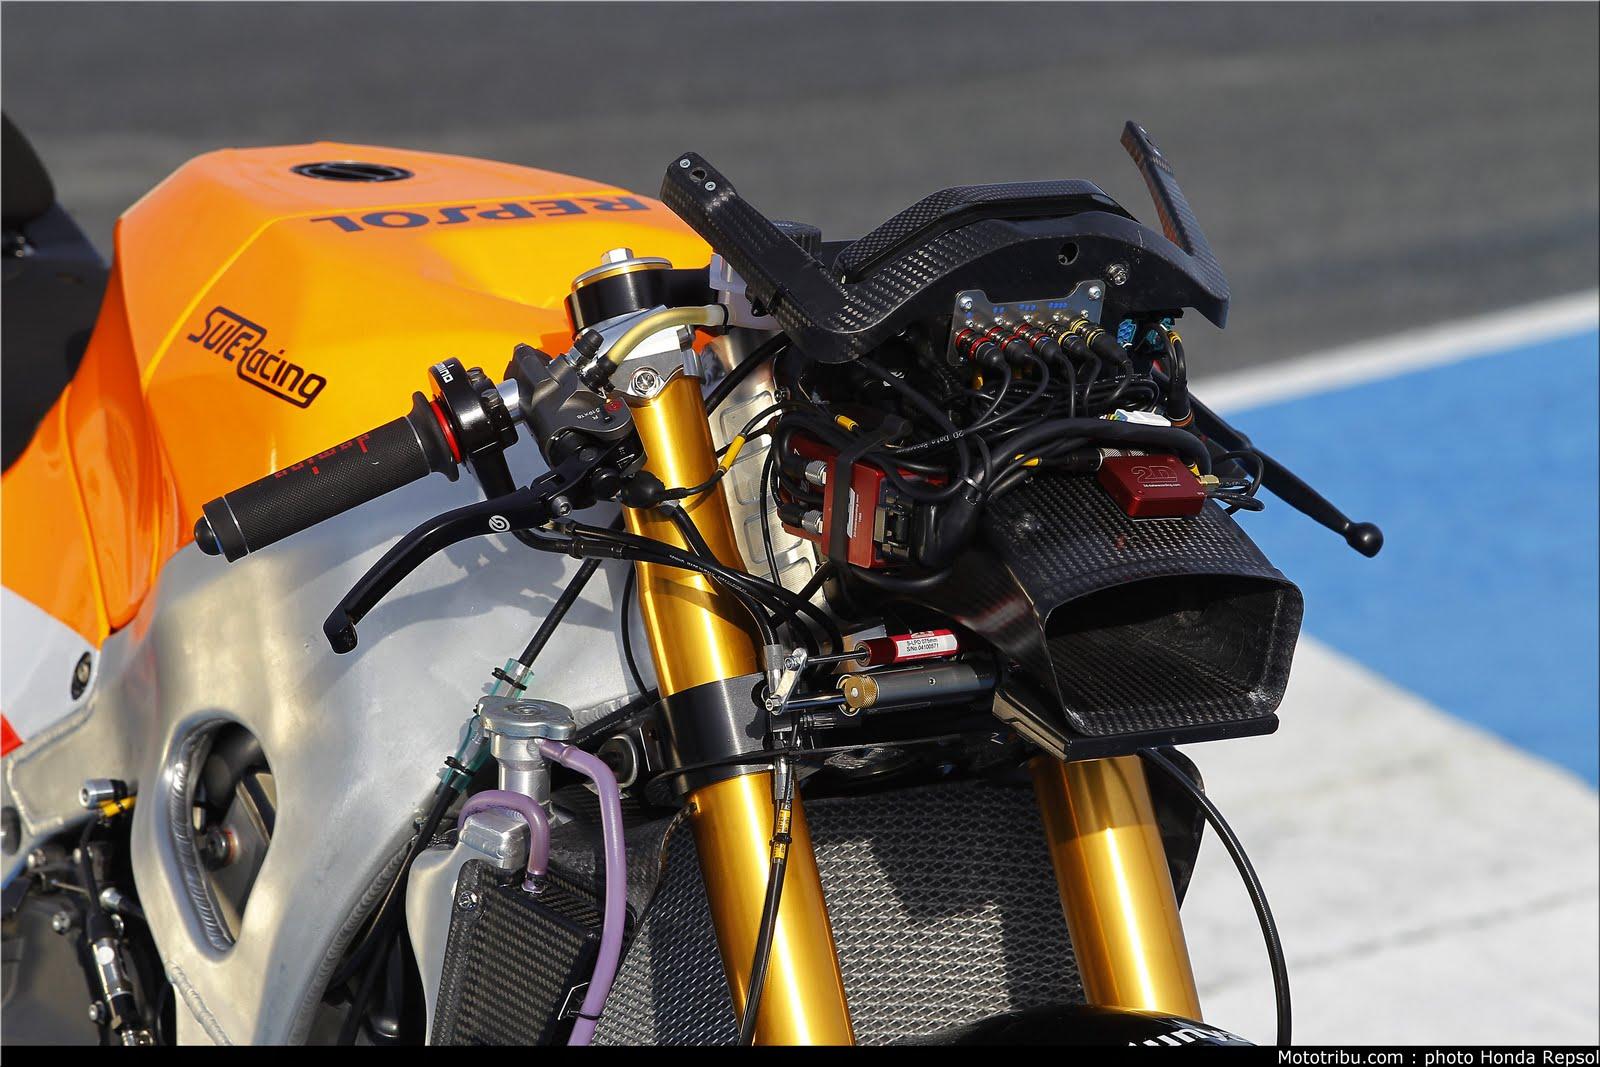 Machines de courses ( Race bikes ) - Page 7 Suter%2BMMX%2BMarquez%2B2011%2B11